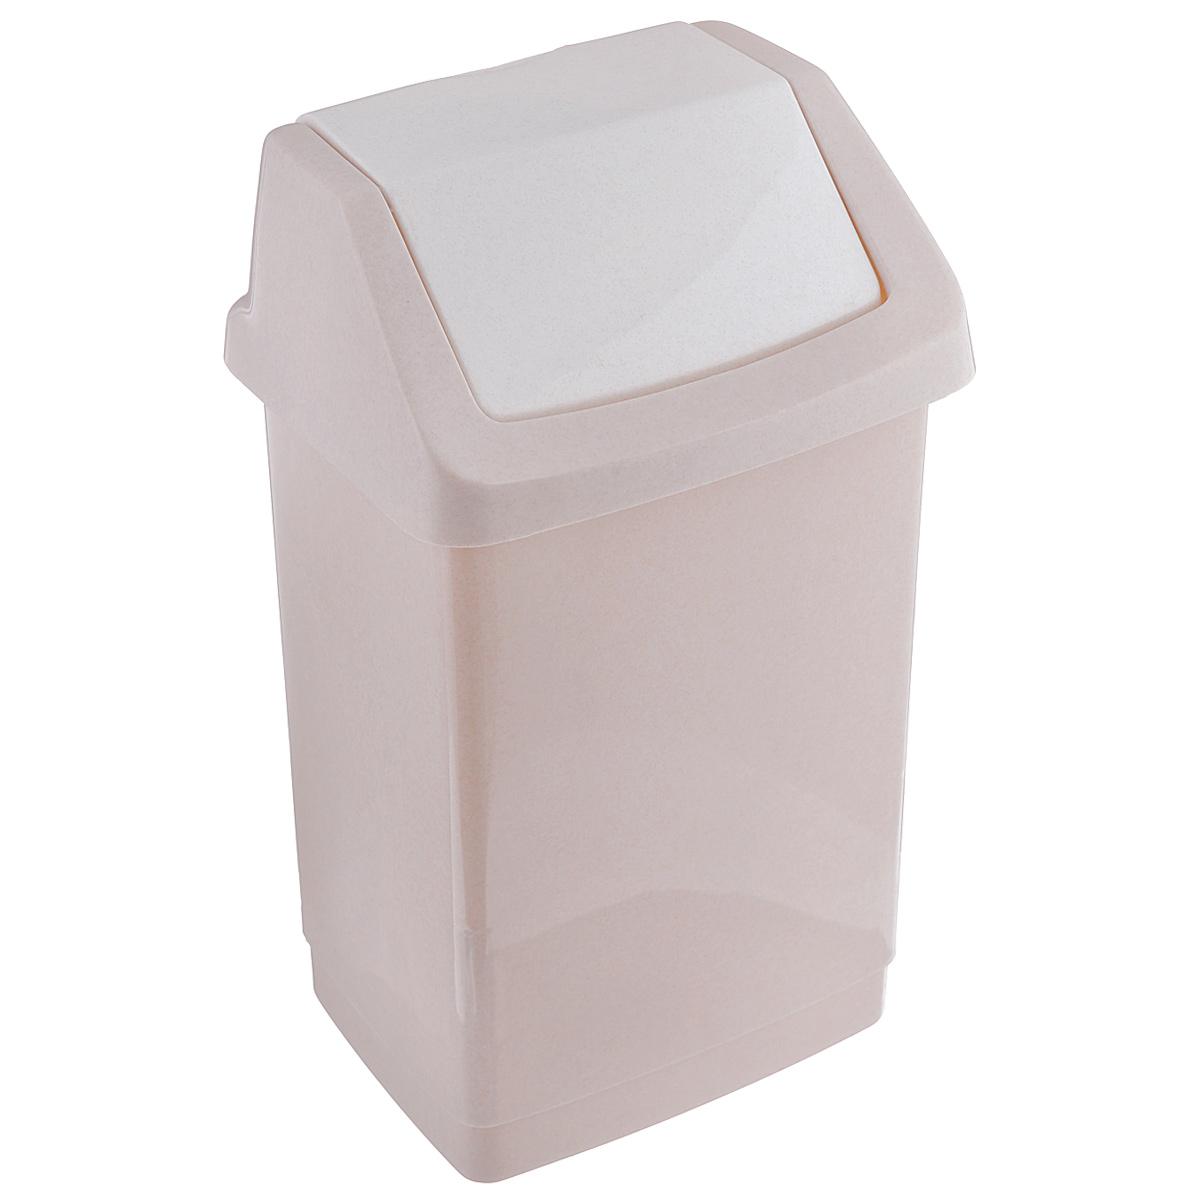 Контейнер для мусора Curver Клик-ит, цвет: бежевый, 9 лRG-D31SКонтейнер для мусора Curver Клик-ит изготовлен из прочного пластика. Контейнер снабжен удобной съемной крышкой с подвижной перегородкой. Благодаря лаконичному дизайну, такой контейнер идеально впишется в интерьер и дома, и офиса.